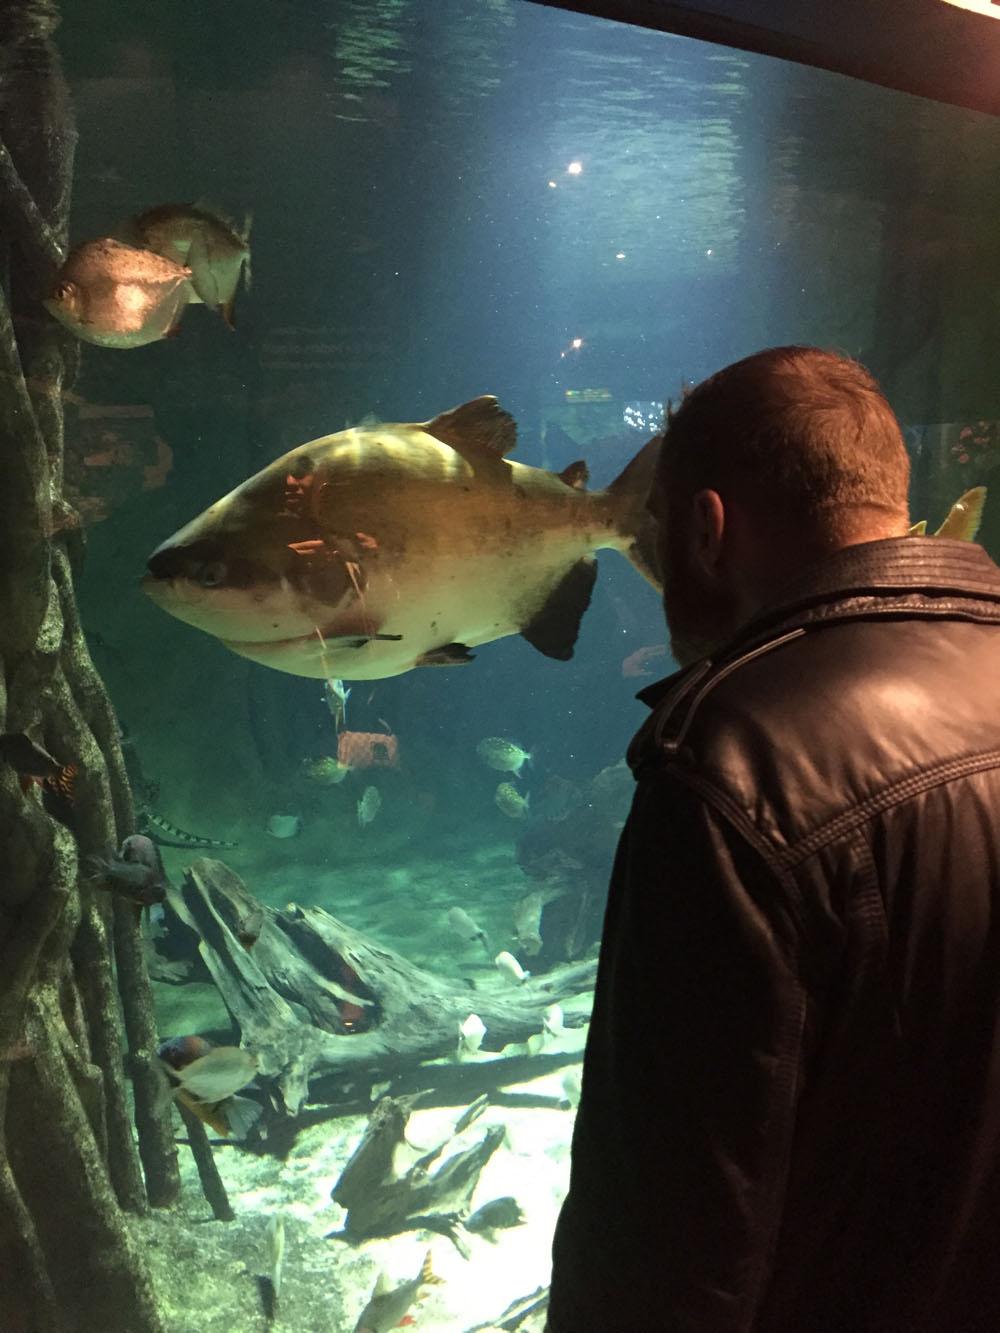 Giant Fish!